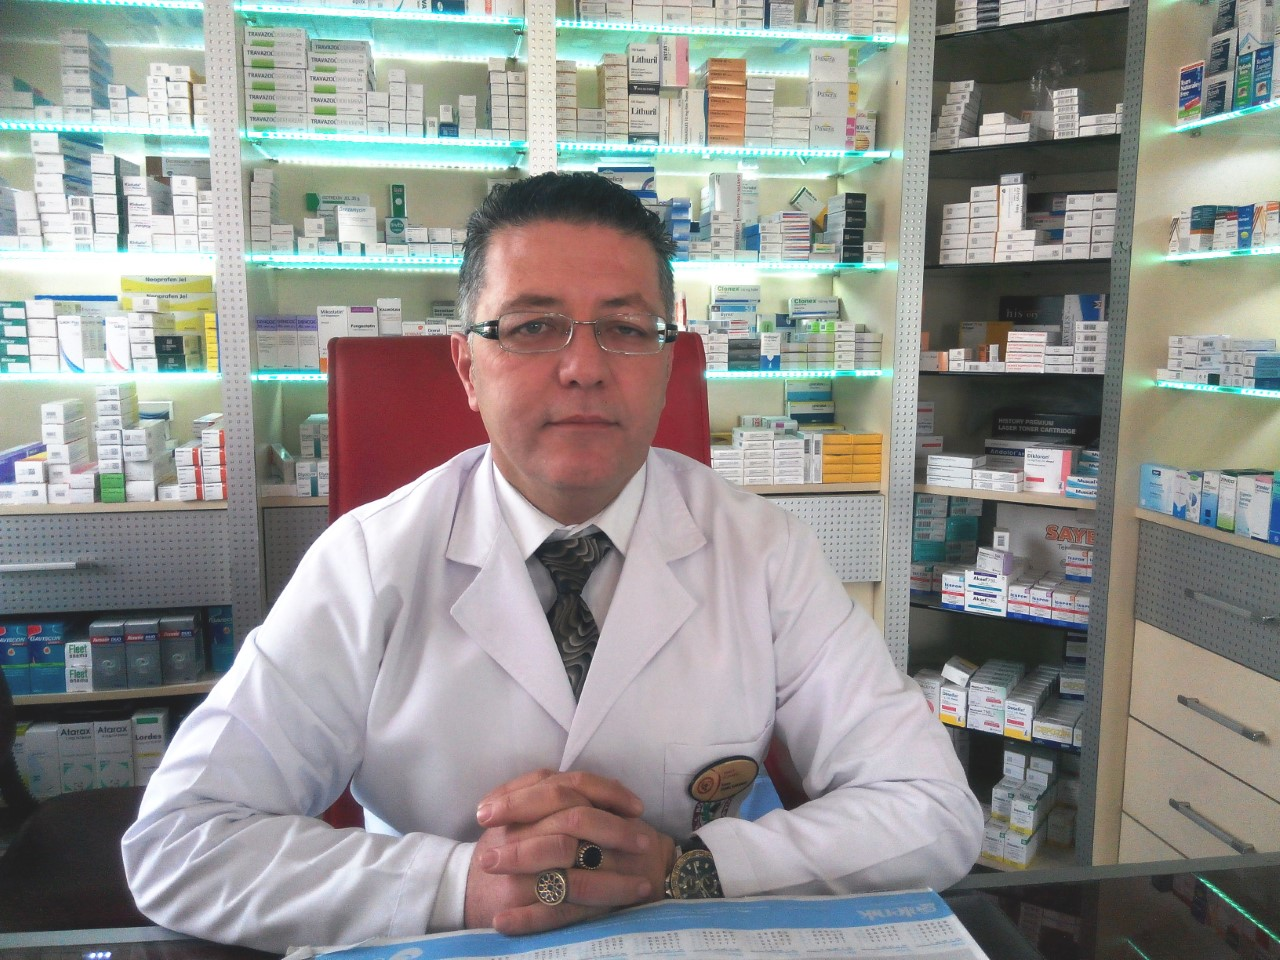 Tıbbı malzemeler artık eczanelerde